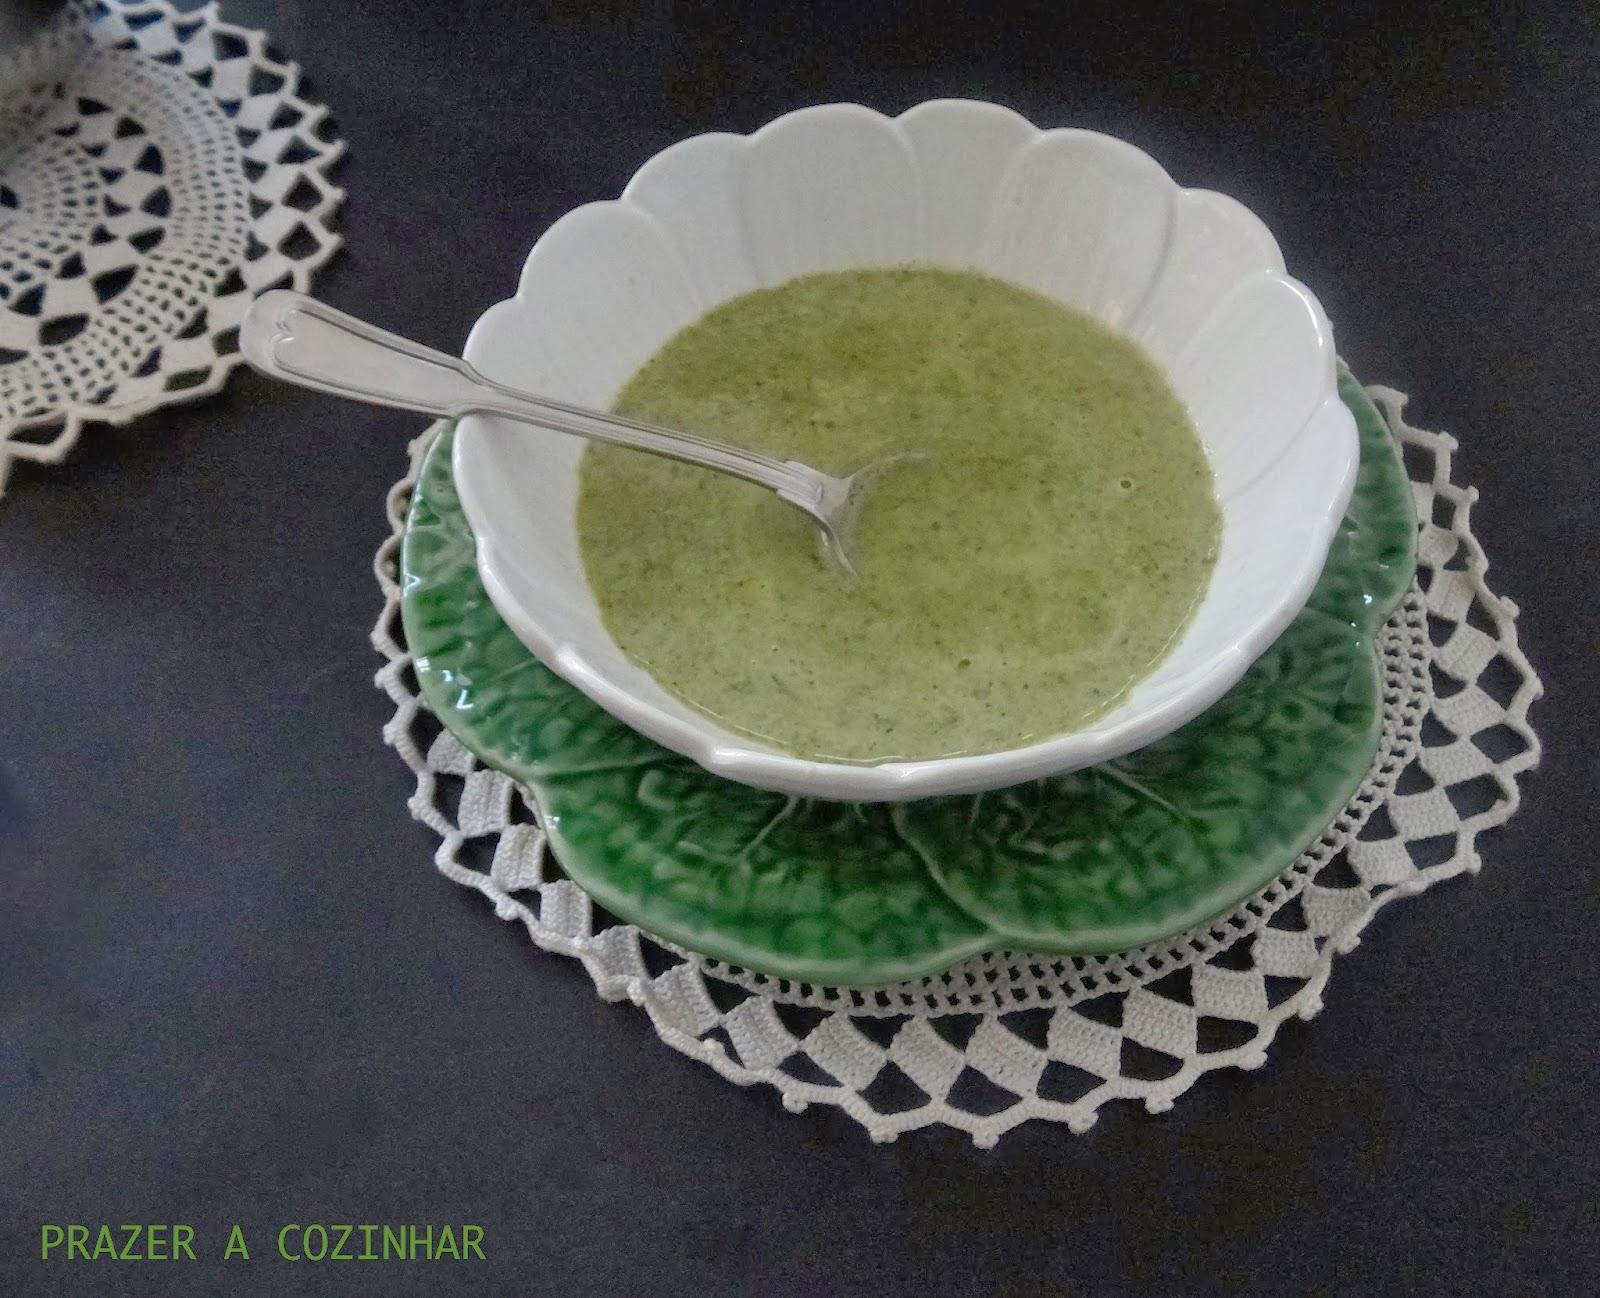 prazer a cozinhar - Sopa de brócolos e espinafres